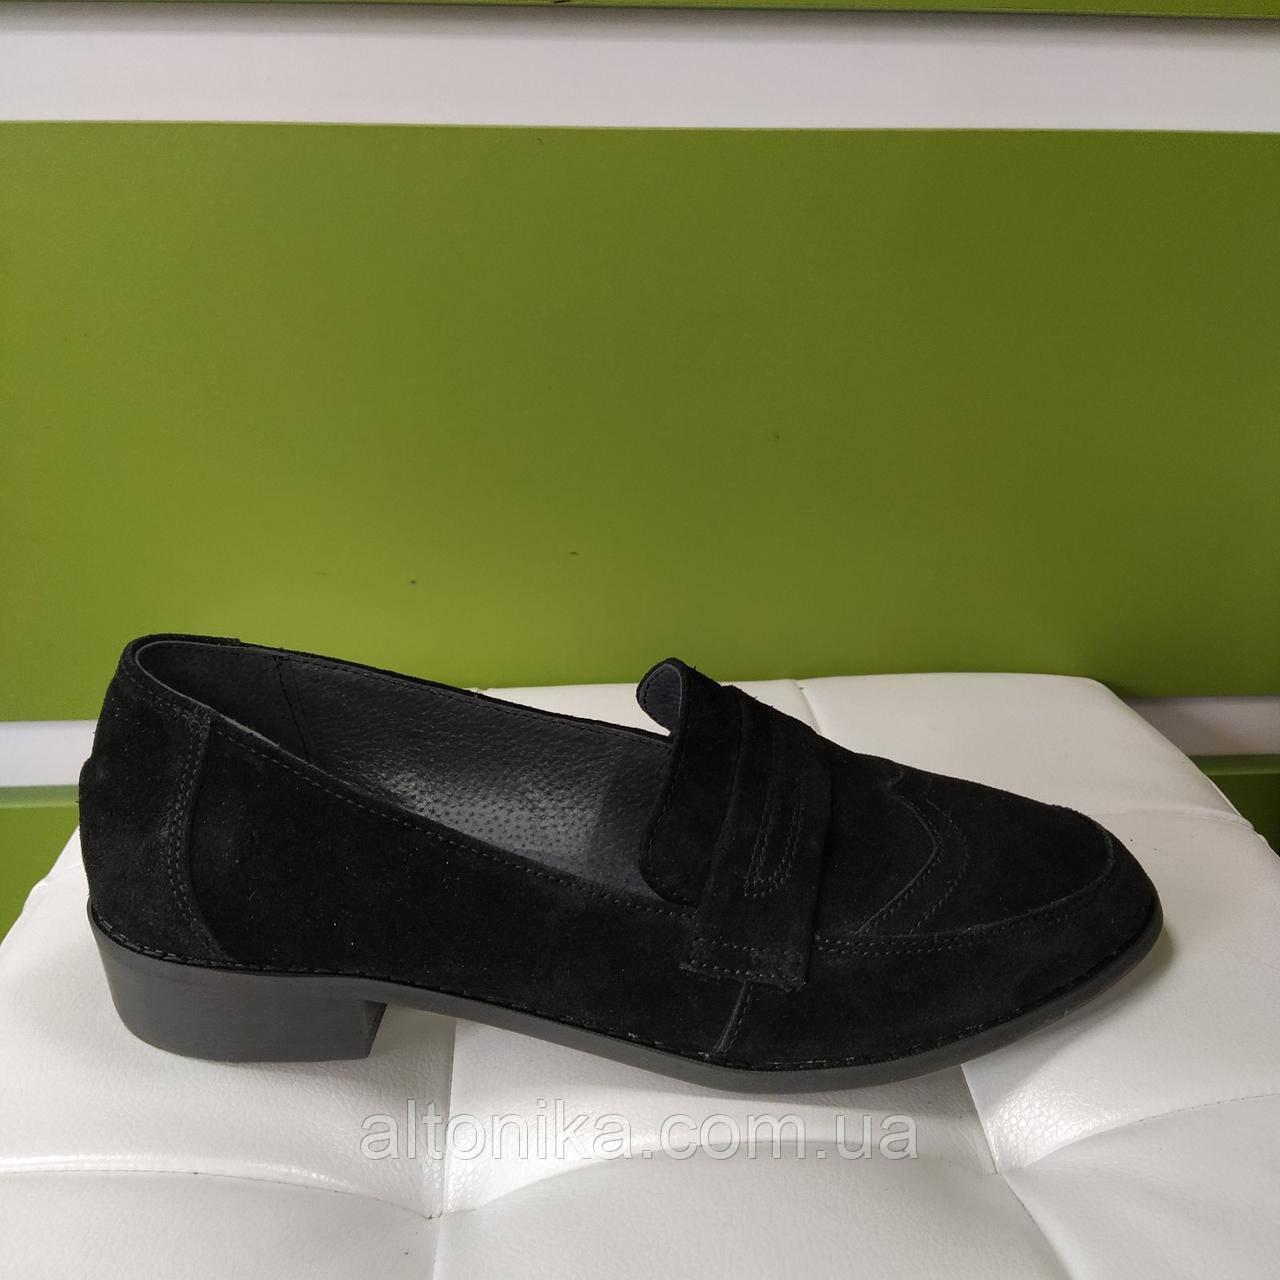 STTOPA Размеры 42-44. Туфли лоферы больших размеров кожаные. С6-14-4244-3 Черные